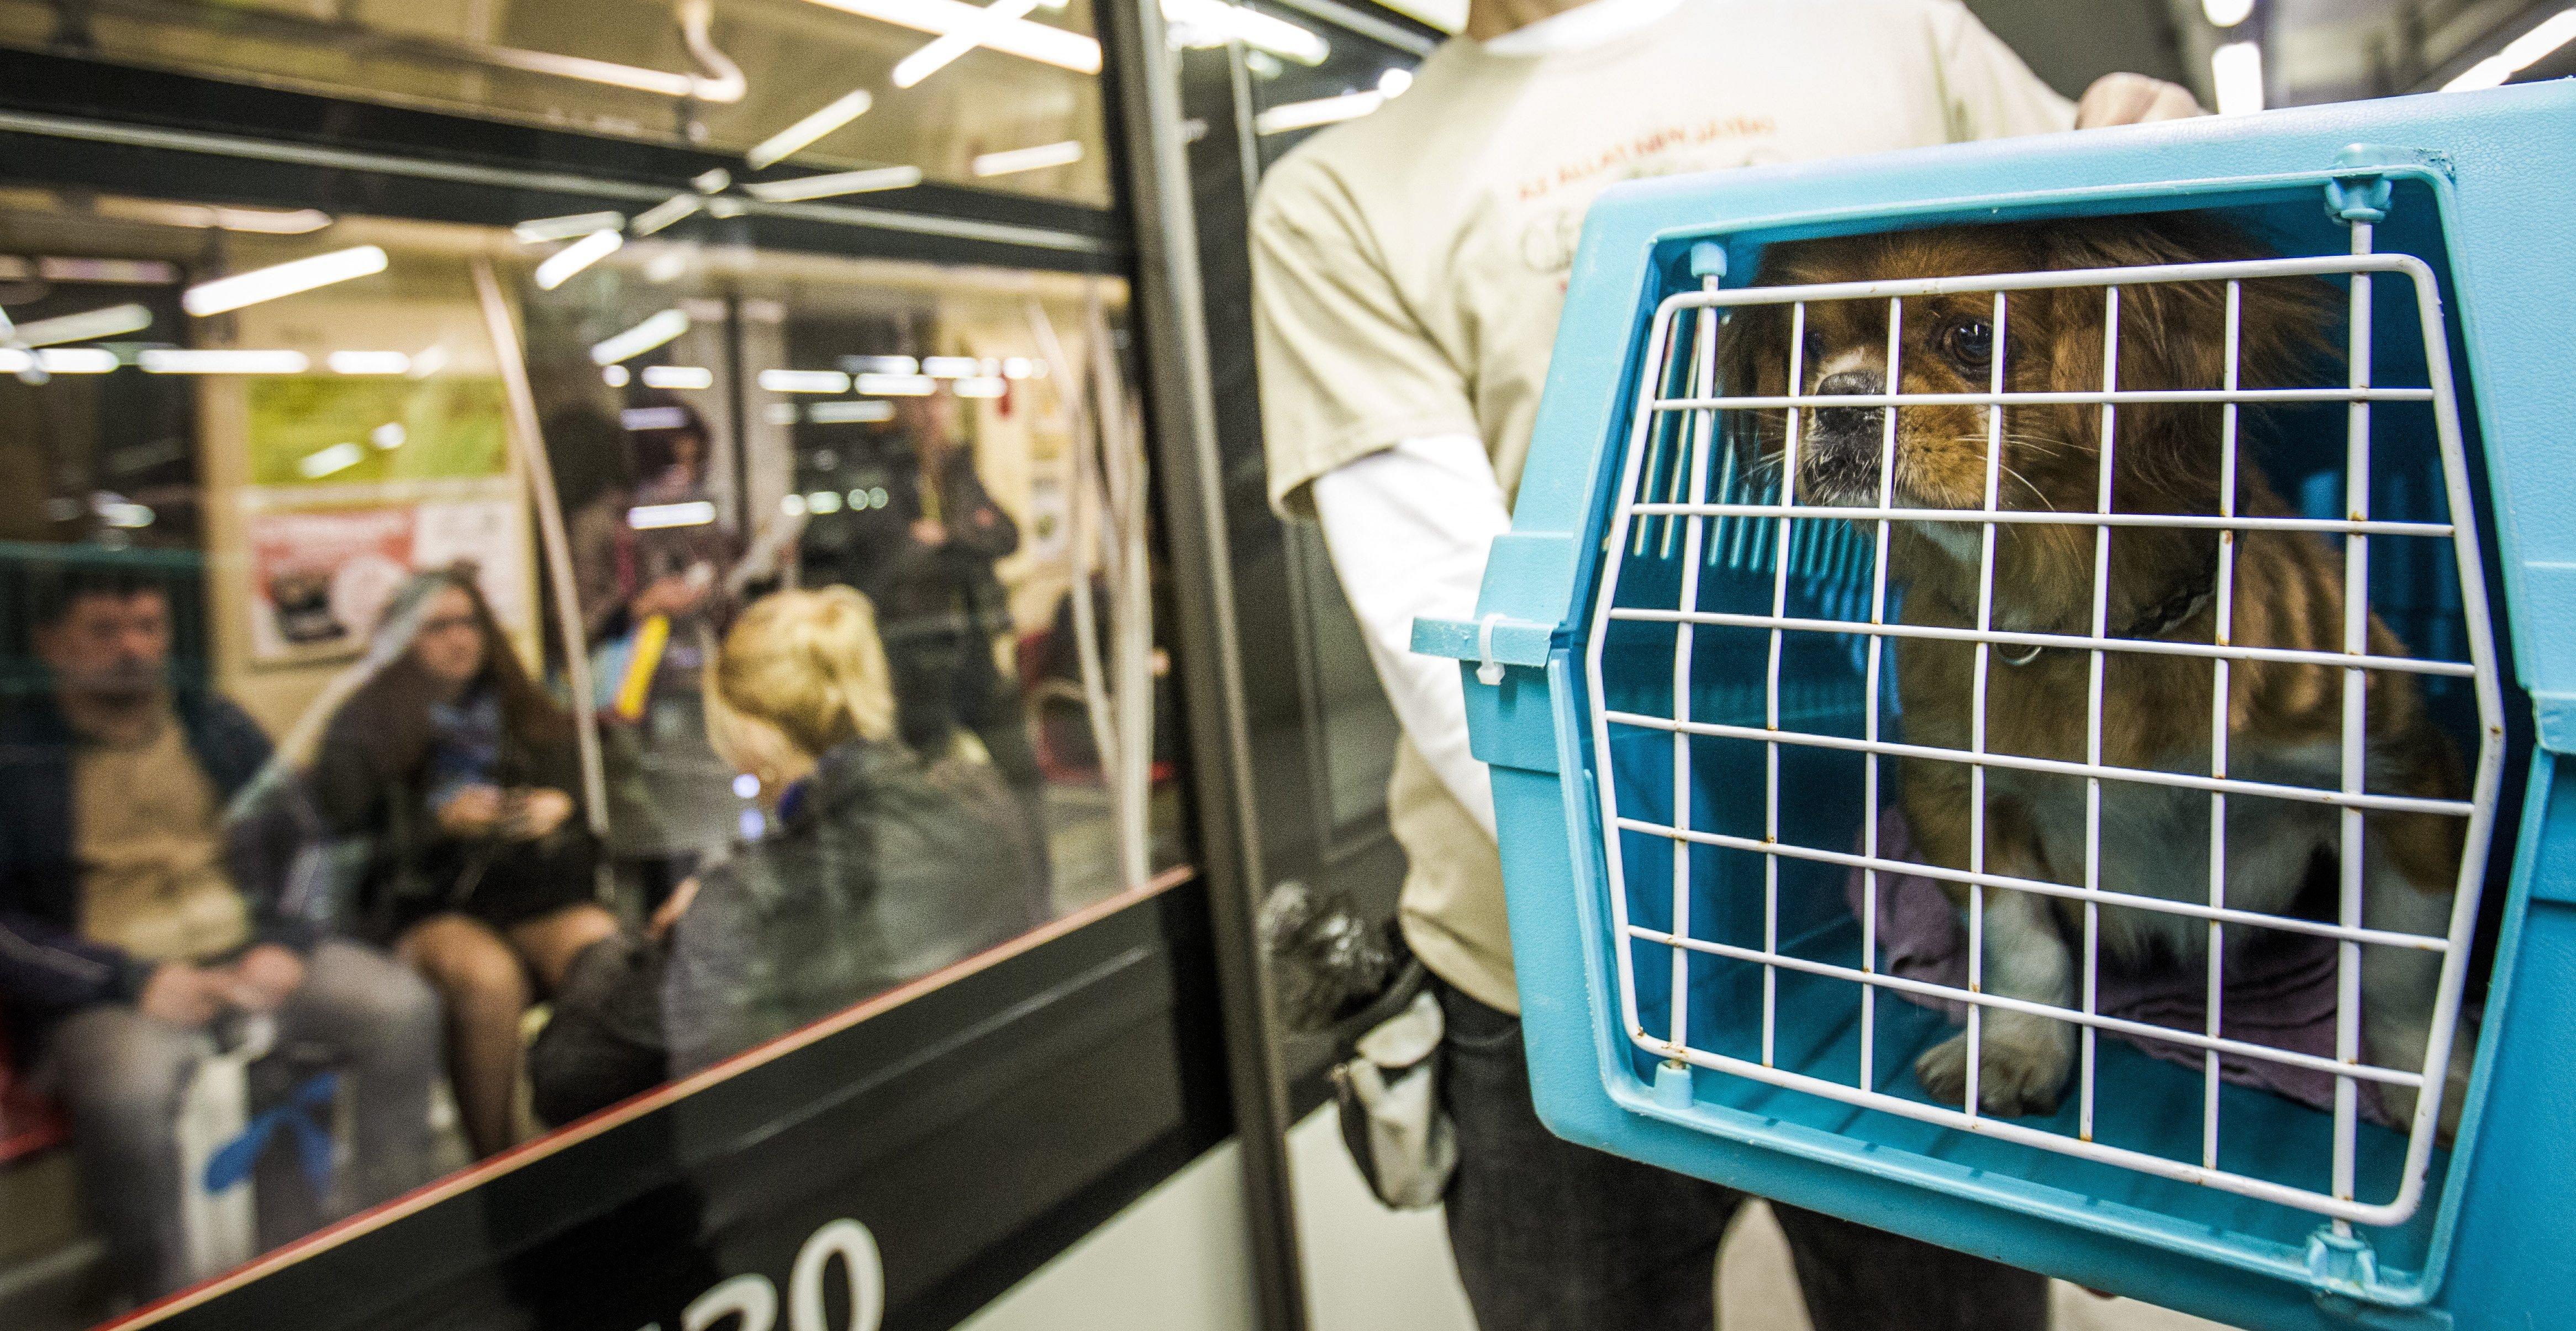 Budapest, 2016. október 4. Mandarin, a Rex Kutyaotthon lakója a Hogyan utazzunk kutyával? címmel az állatok világnapján a Rex Kutyaotthon Alapítvány és a Budapesti Közlekedési Központ által szervezett sajtótájékoztatón a budapesti Szent Gellért téri M4-es metróállomáson 2016. október 4-én. MTI Fotó: Szigetváry Zsolt